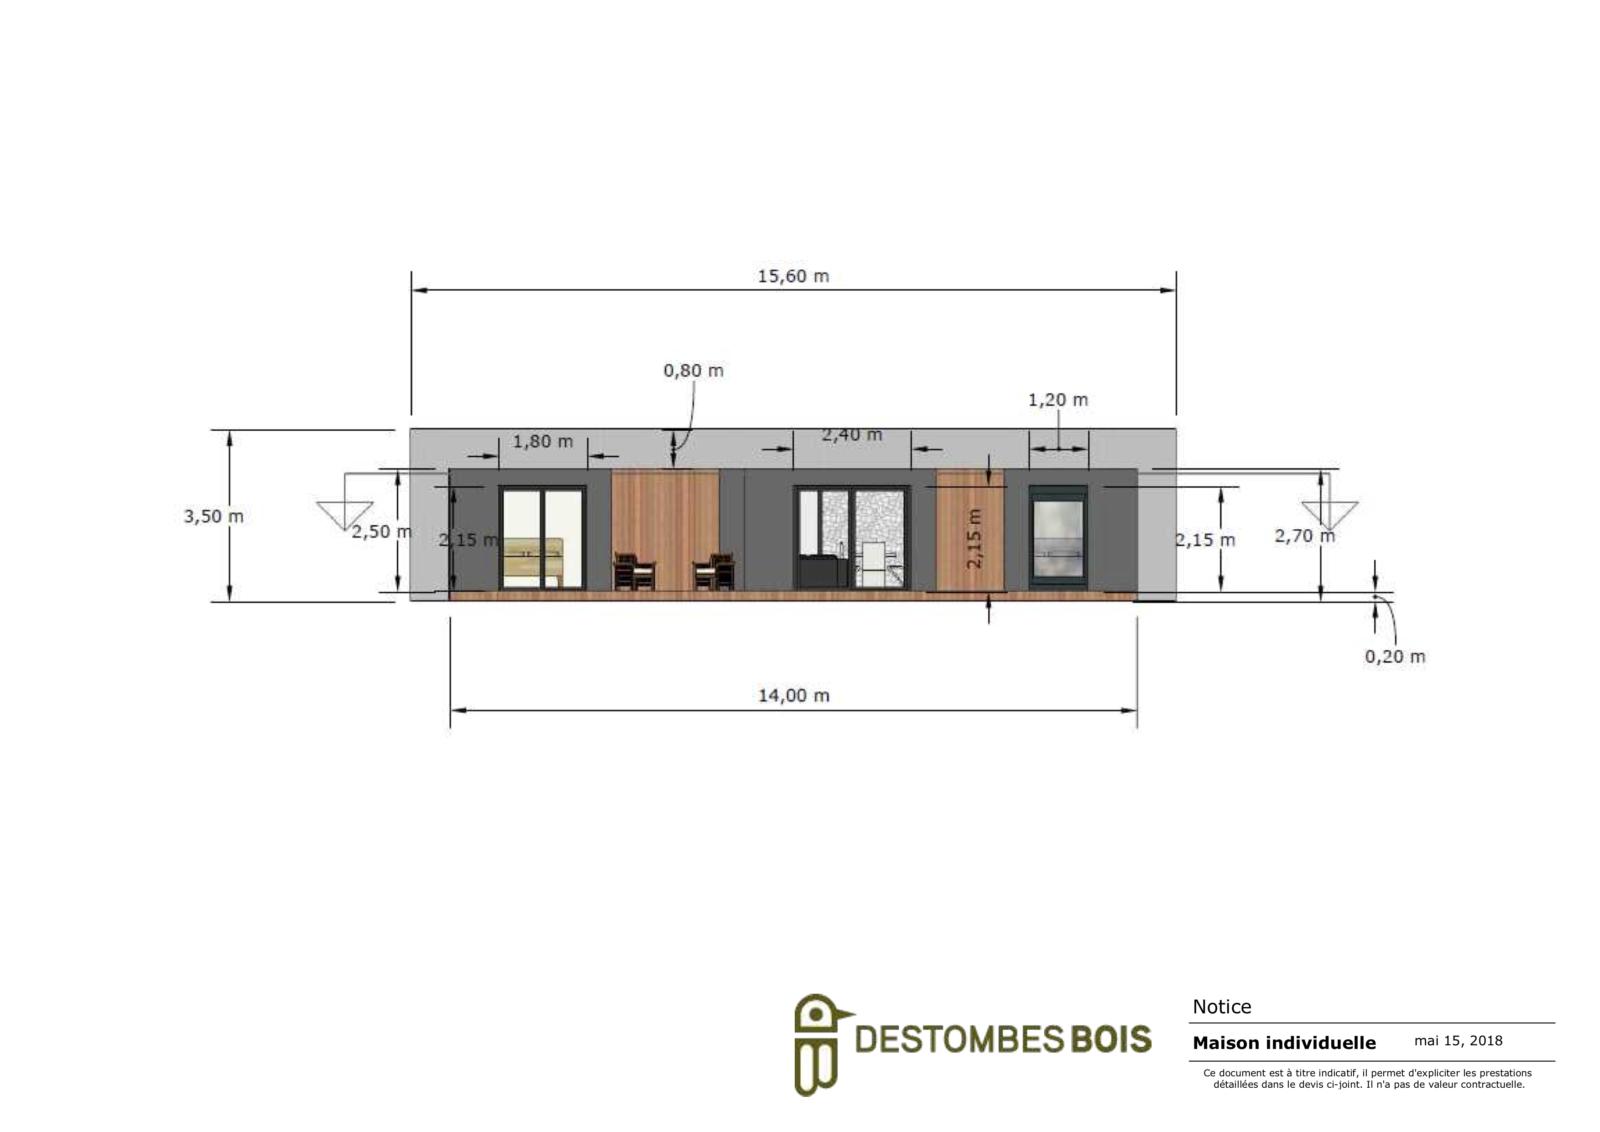 maison contemporaine avec terrasse couverte (glissé(e)s) 2